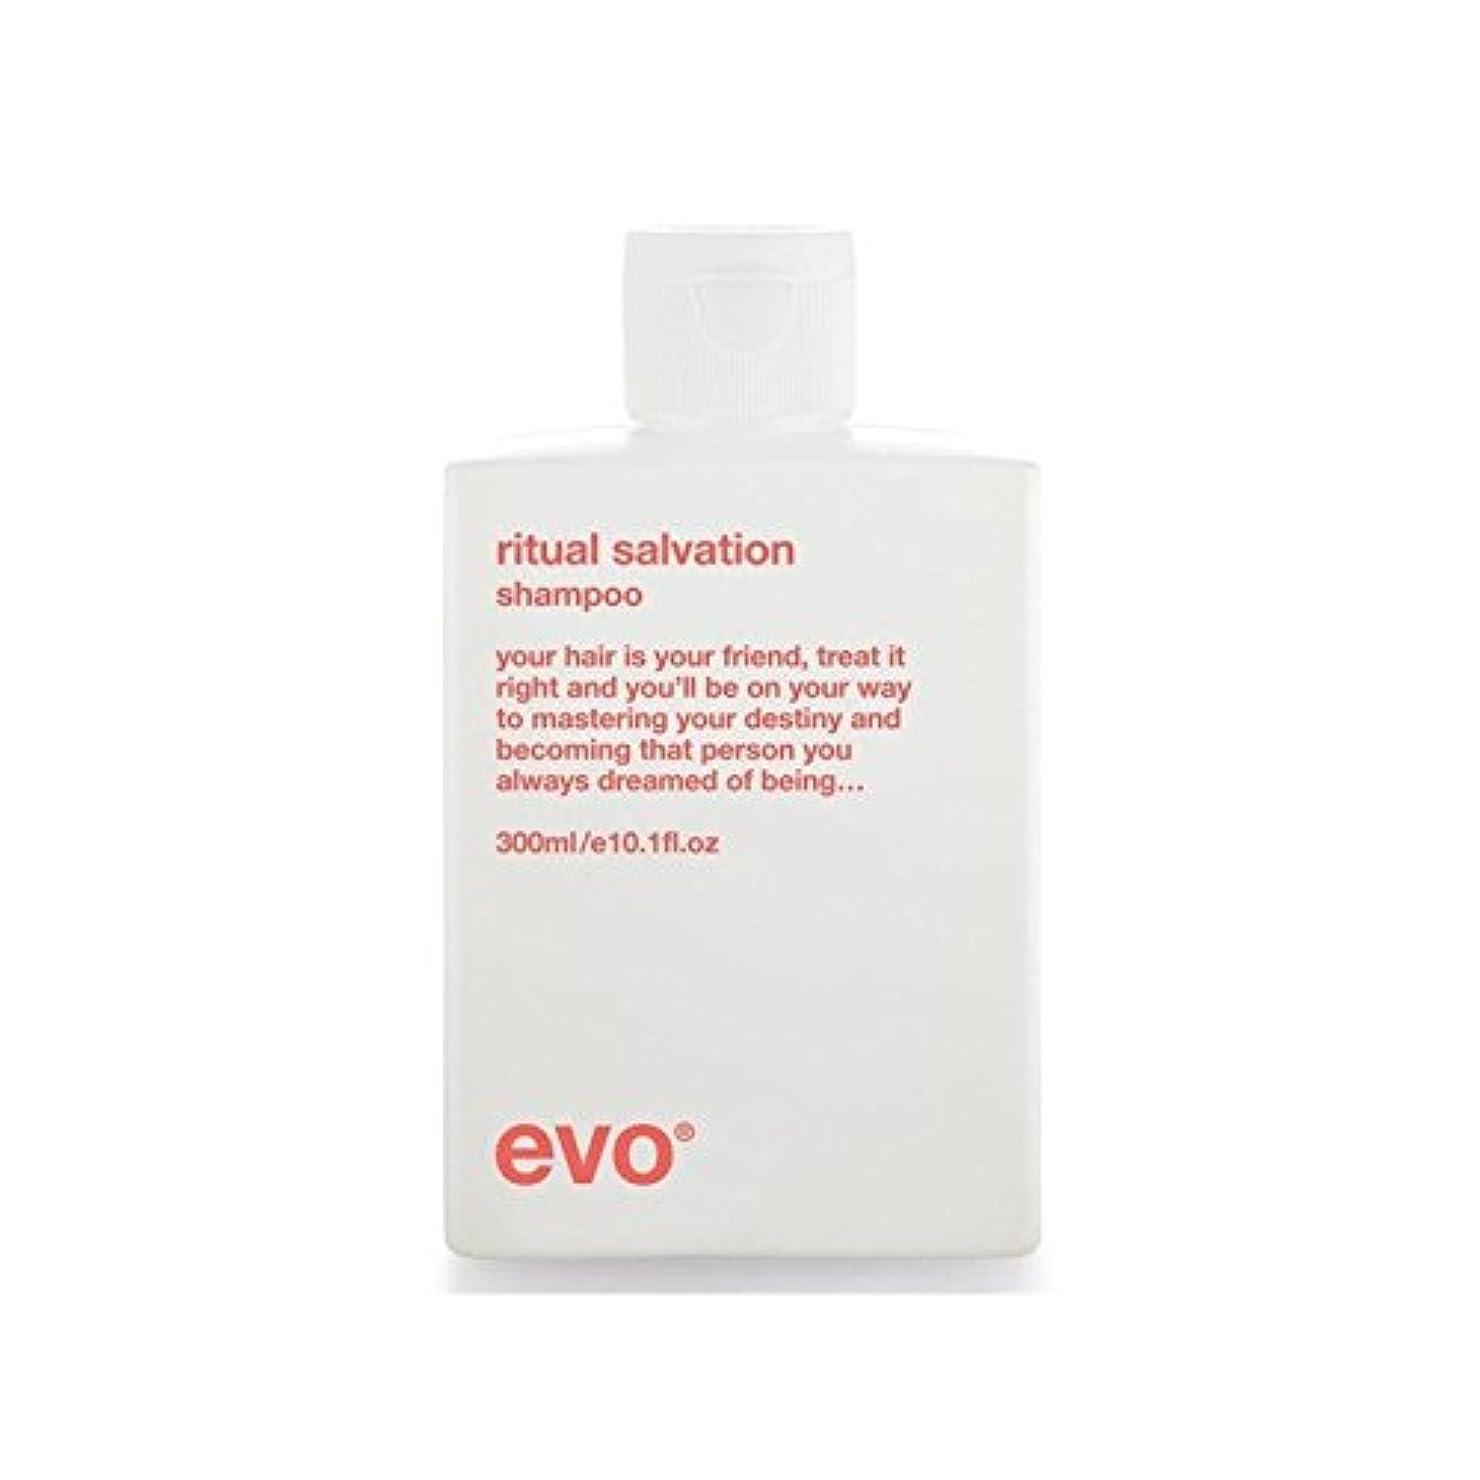 シーズンフォーカスその結果Evo Ritual Salvation Shampoo (300ml) - エボ儀式救いシャンプー(300ミリリットル) [並行輸入品]